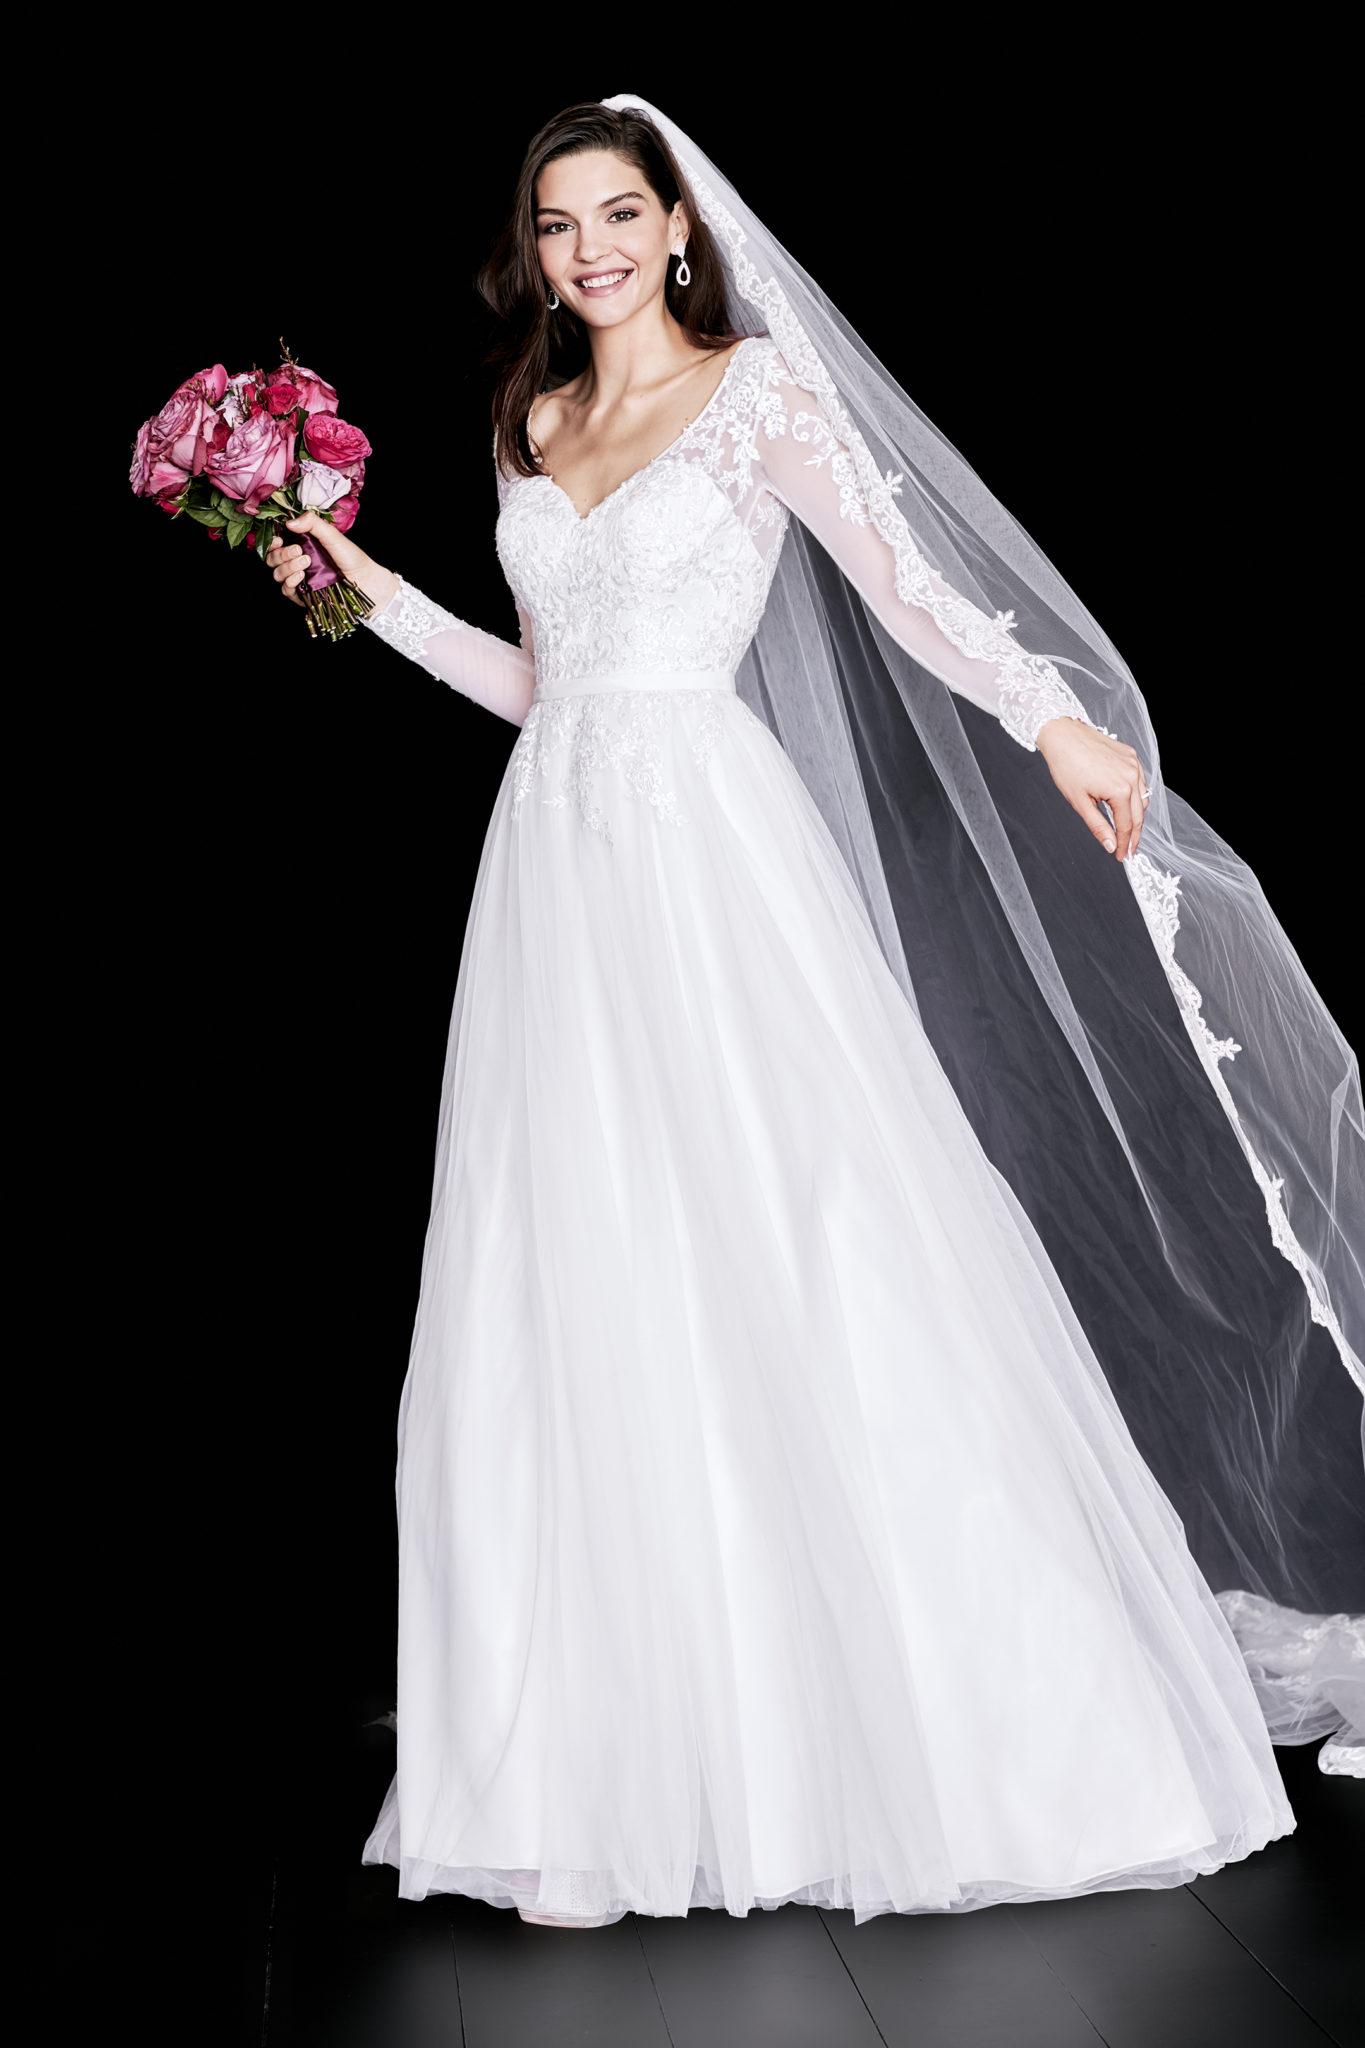 David's Bridal Black Friday Deals